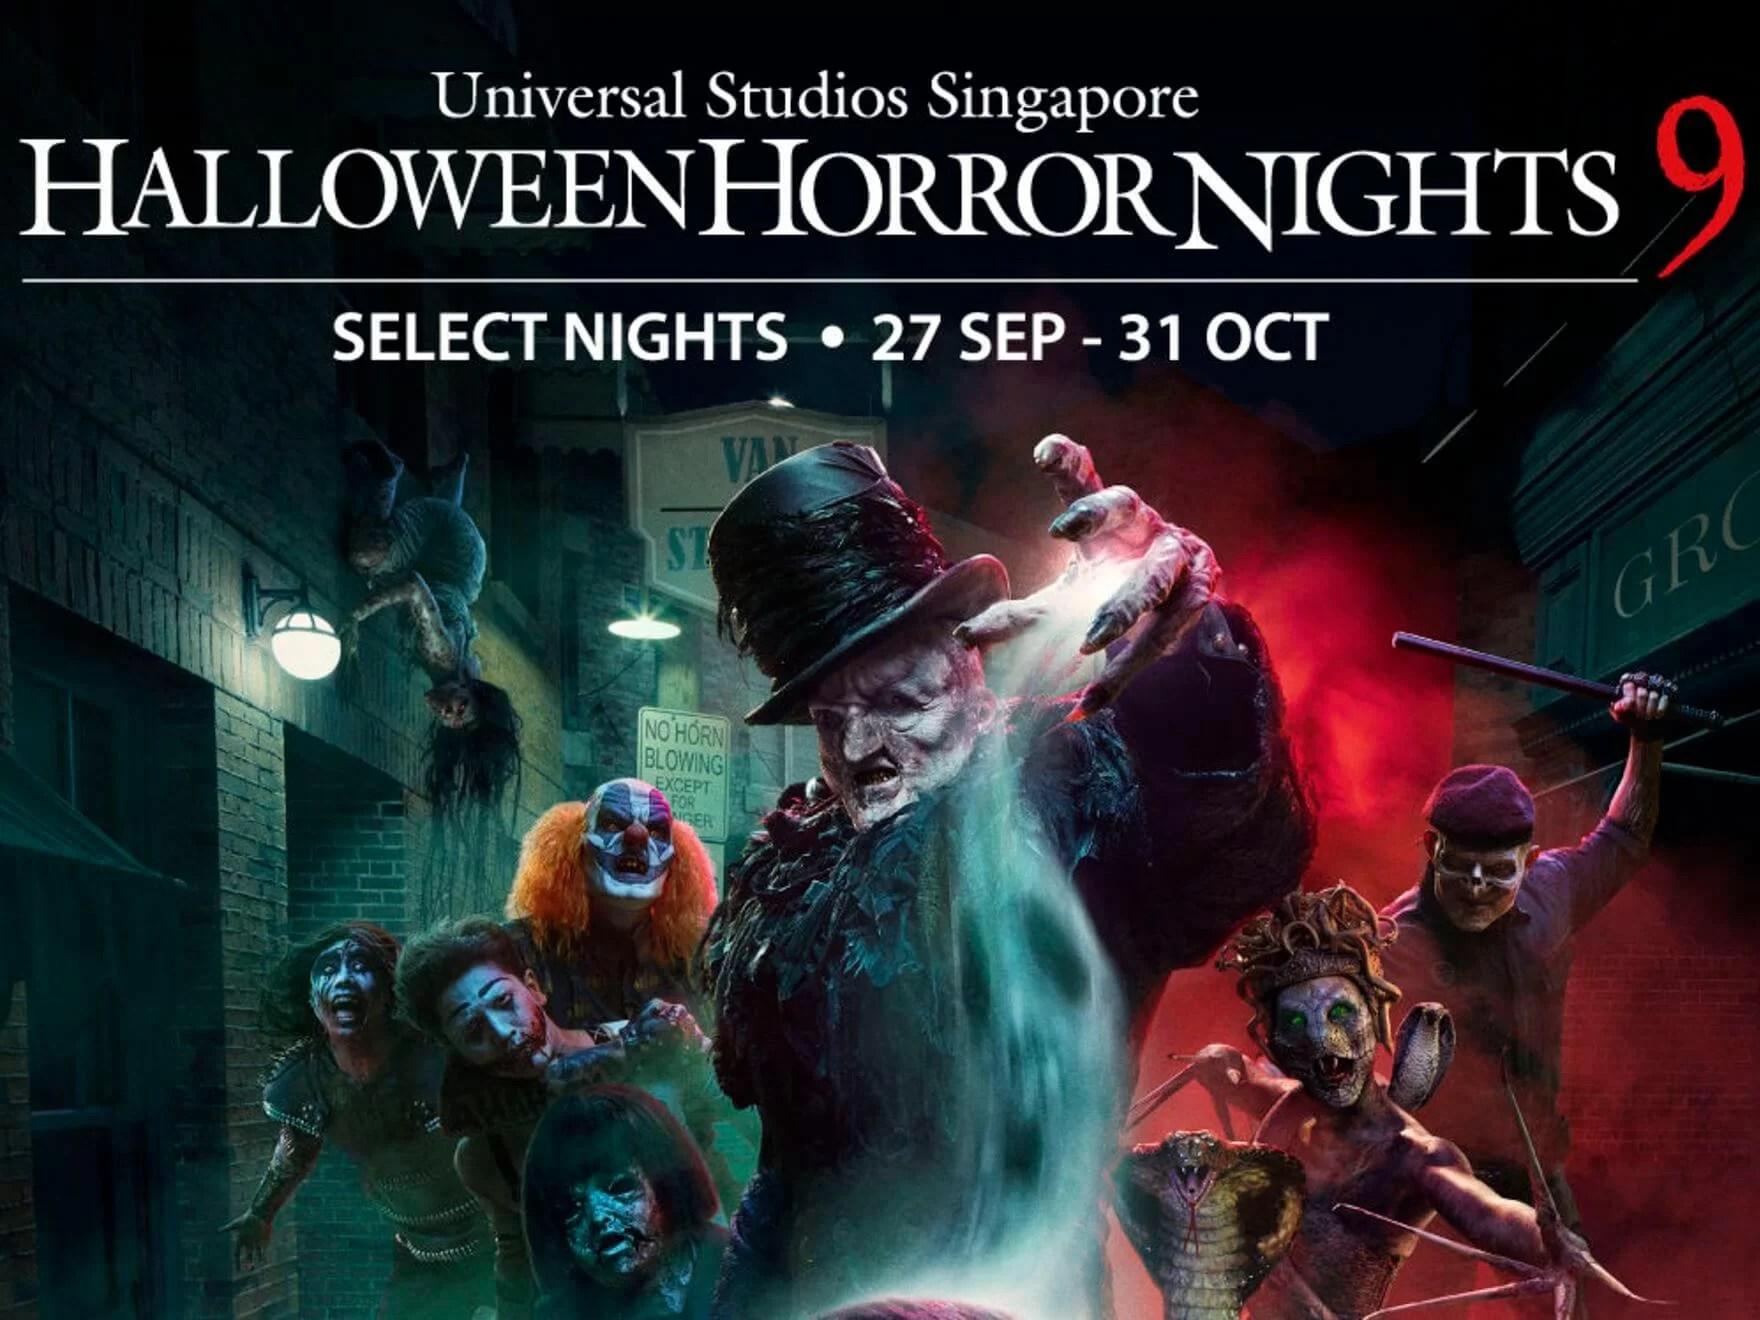 【2019ハロウィン】ユニバーサルスタジオシンガポールの割引クーポンチケット